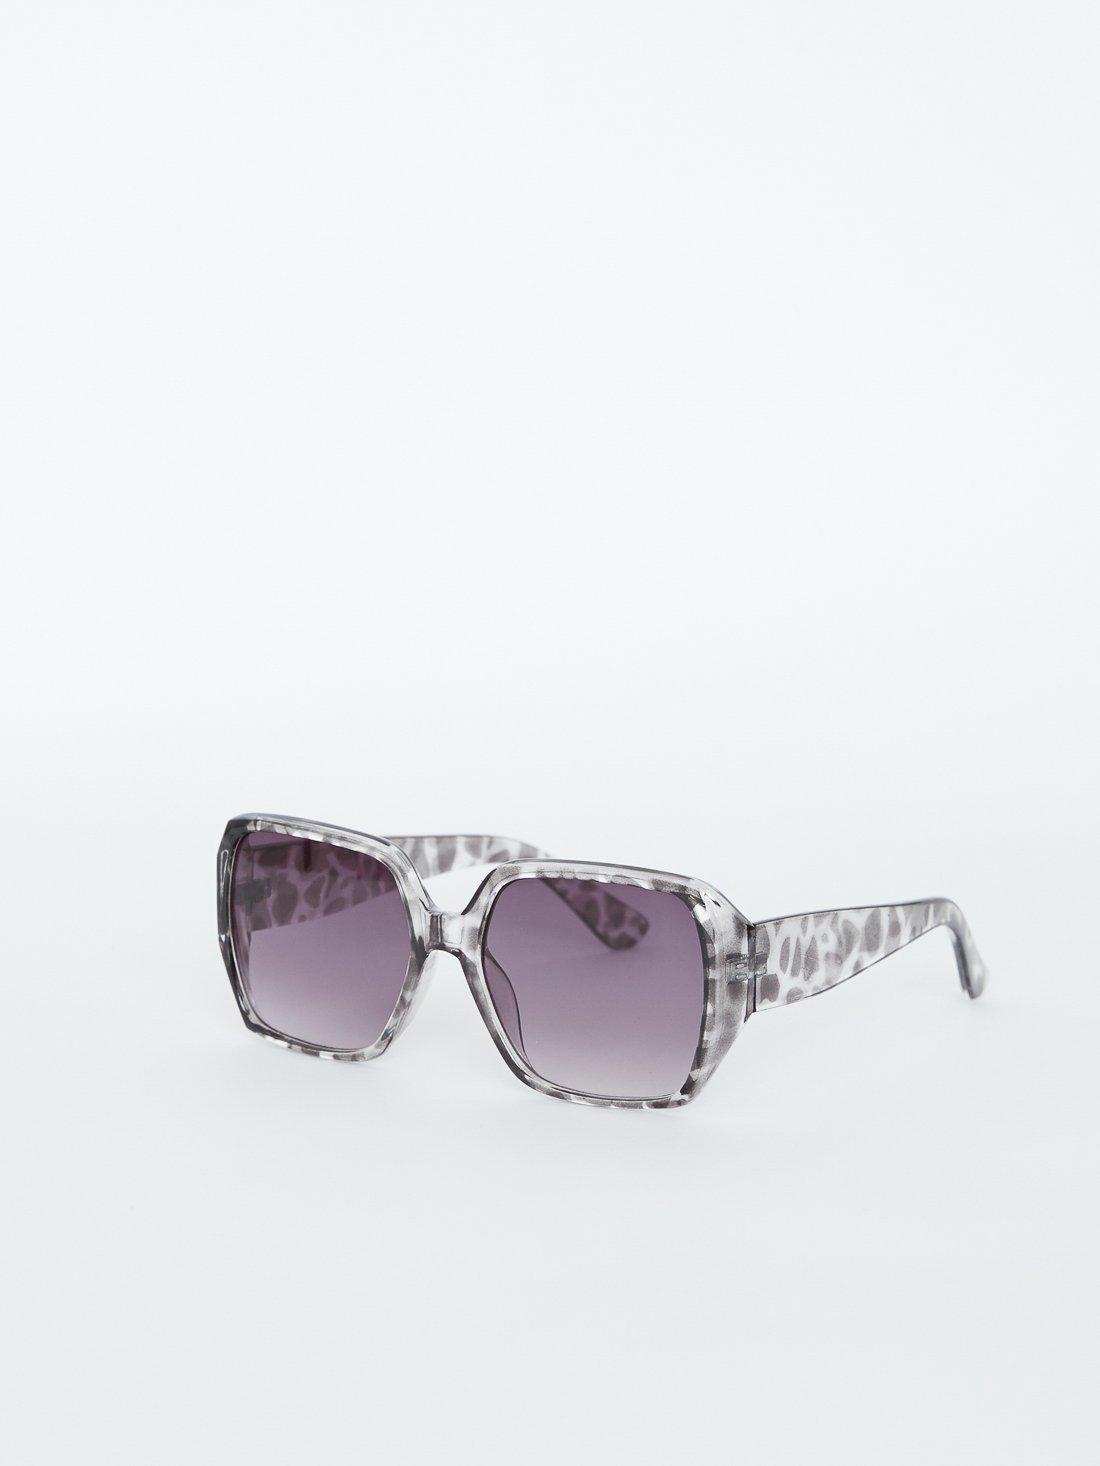 Солнцезащитные очки квадратной формы